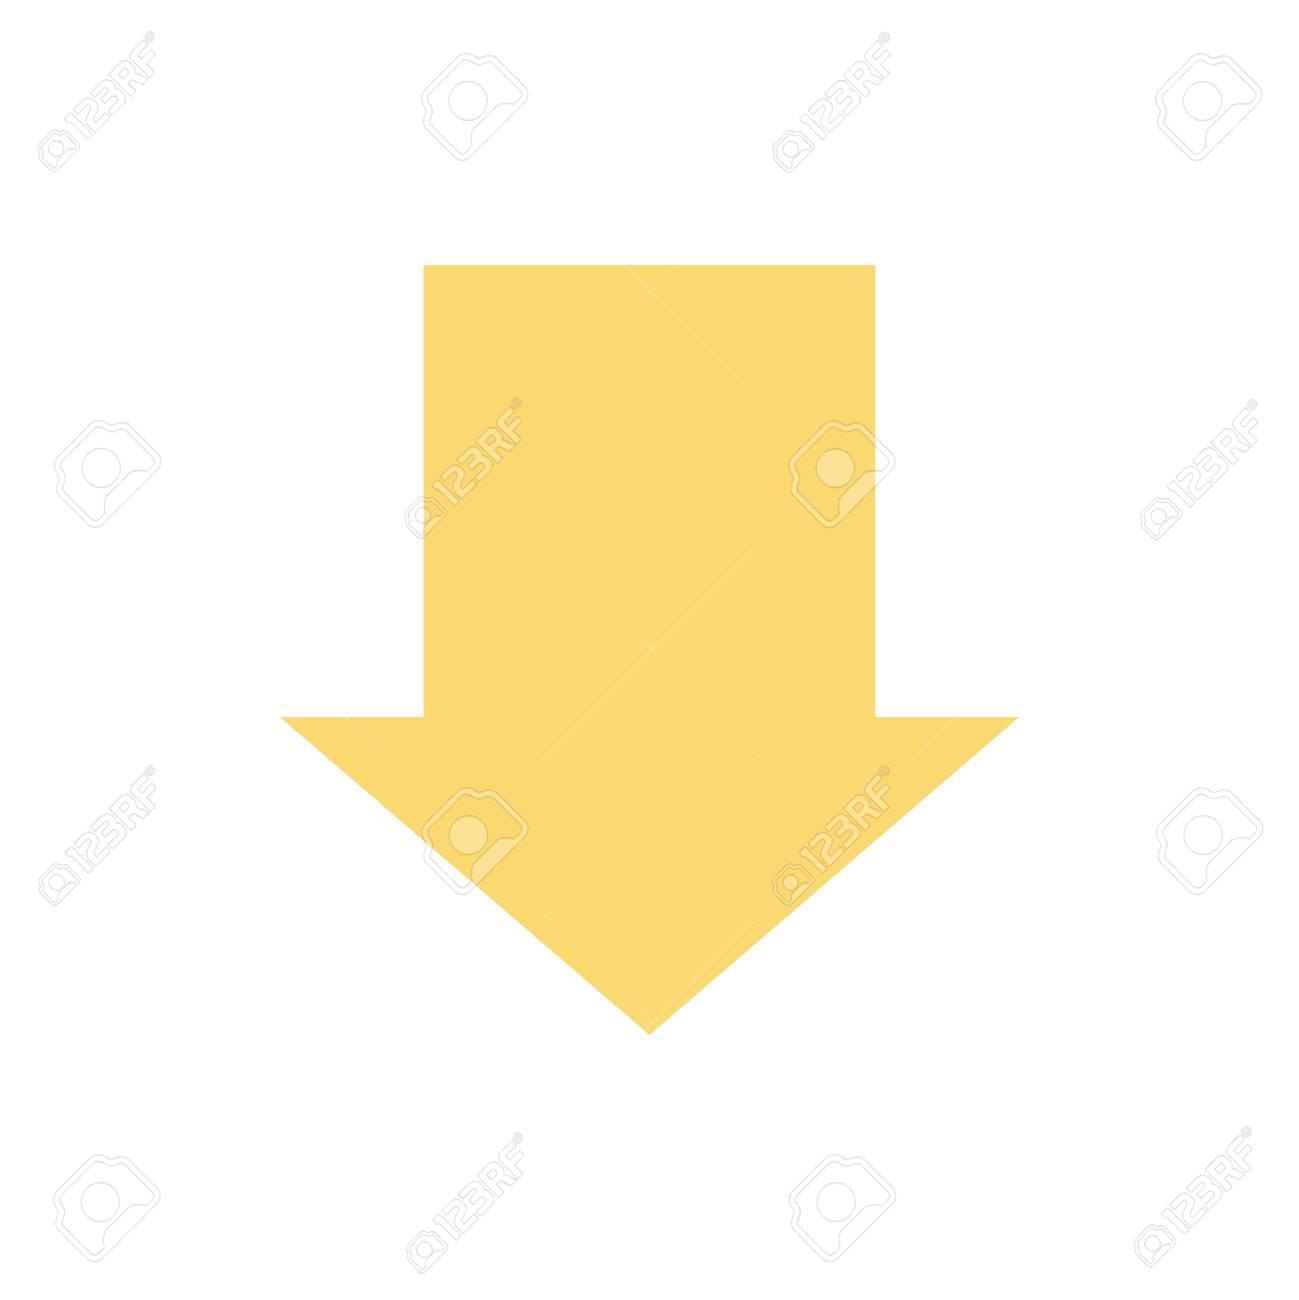 ↓ 白の背景上のポインター。のイラスト素材・ベクタ - Image 87979064.